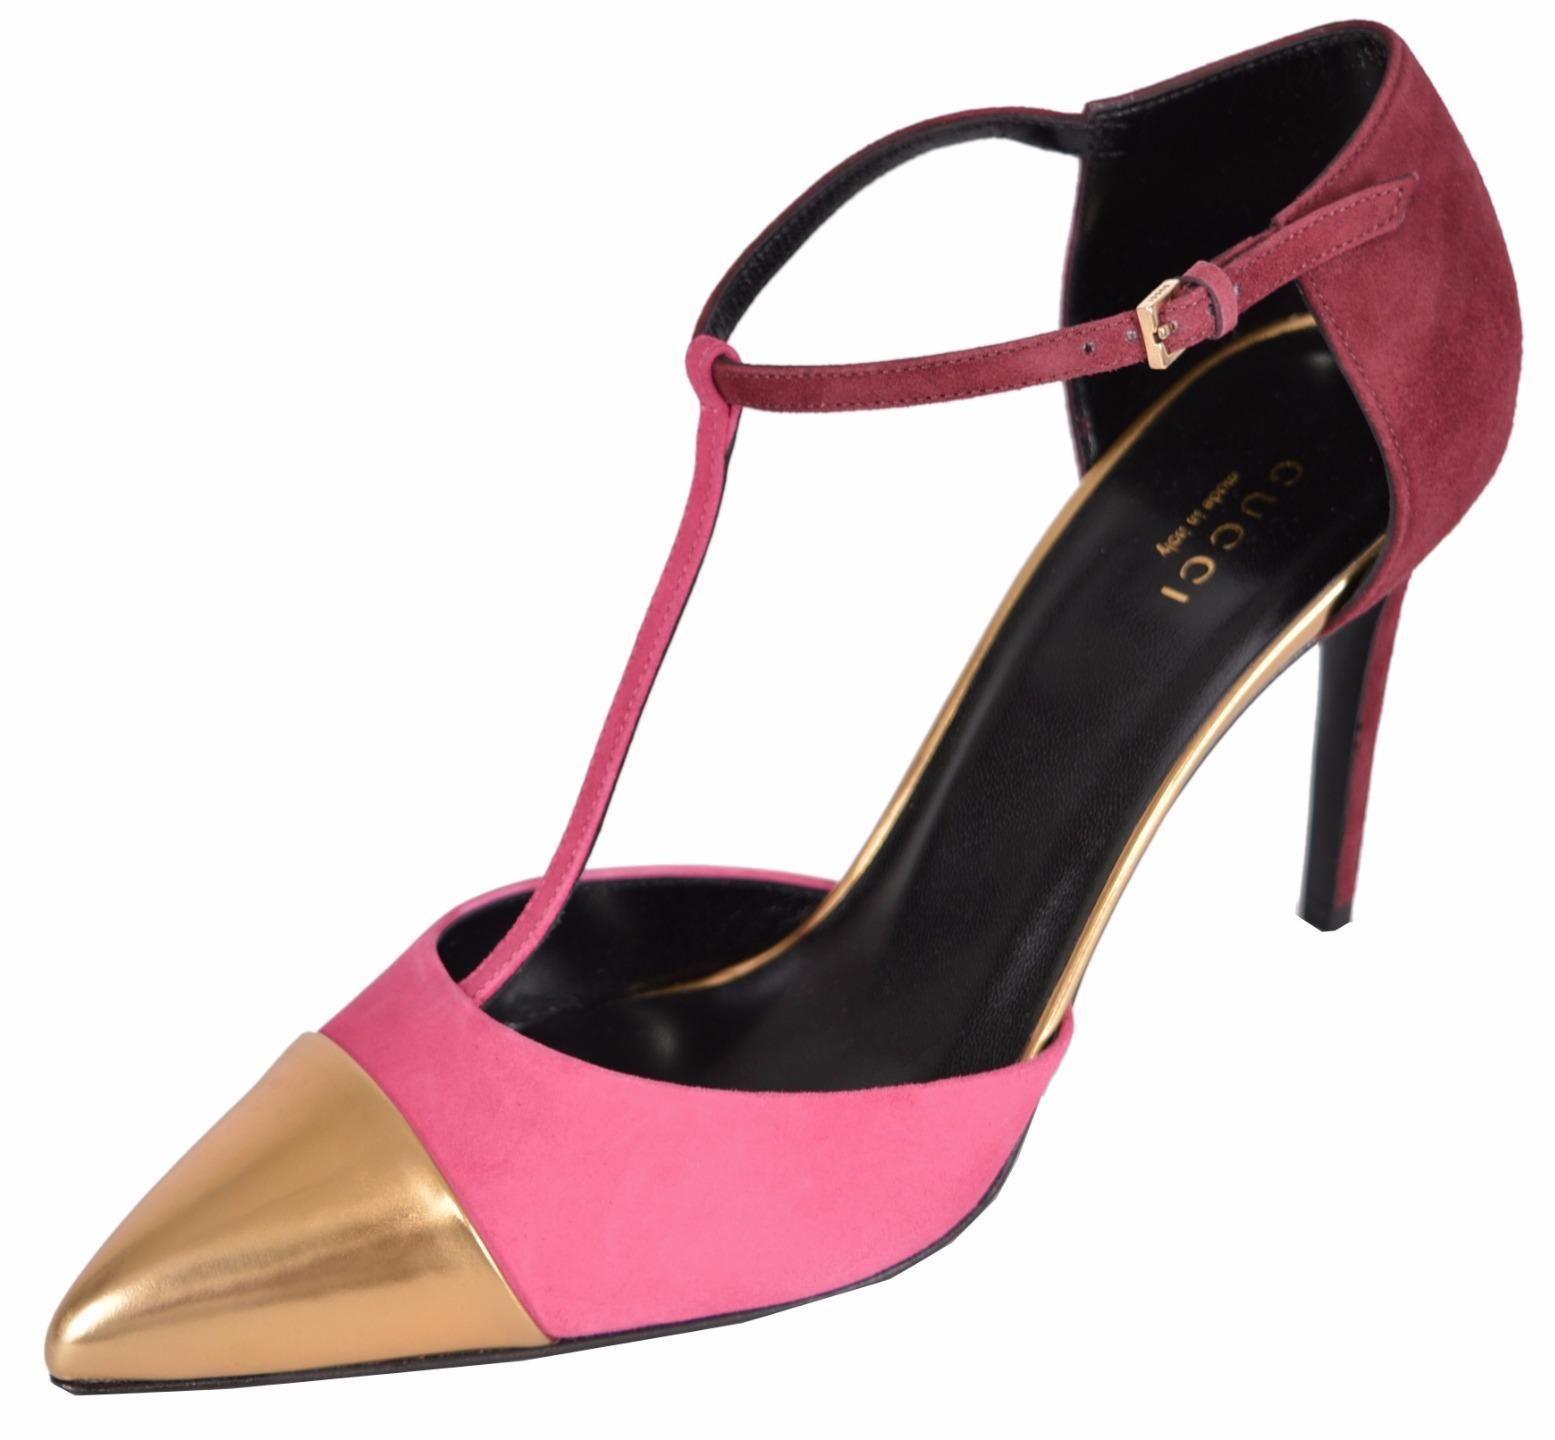 1ecf368a6fd Gucci Pink/Gold New 353720 Colorblock Cap Toe T Strap 37 Pumps Size ...